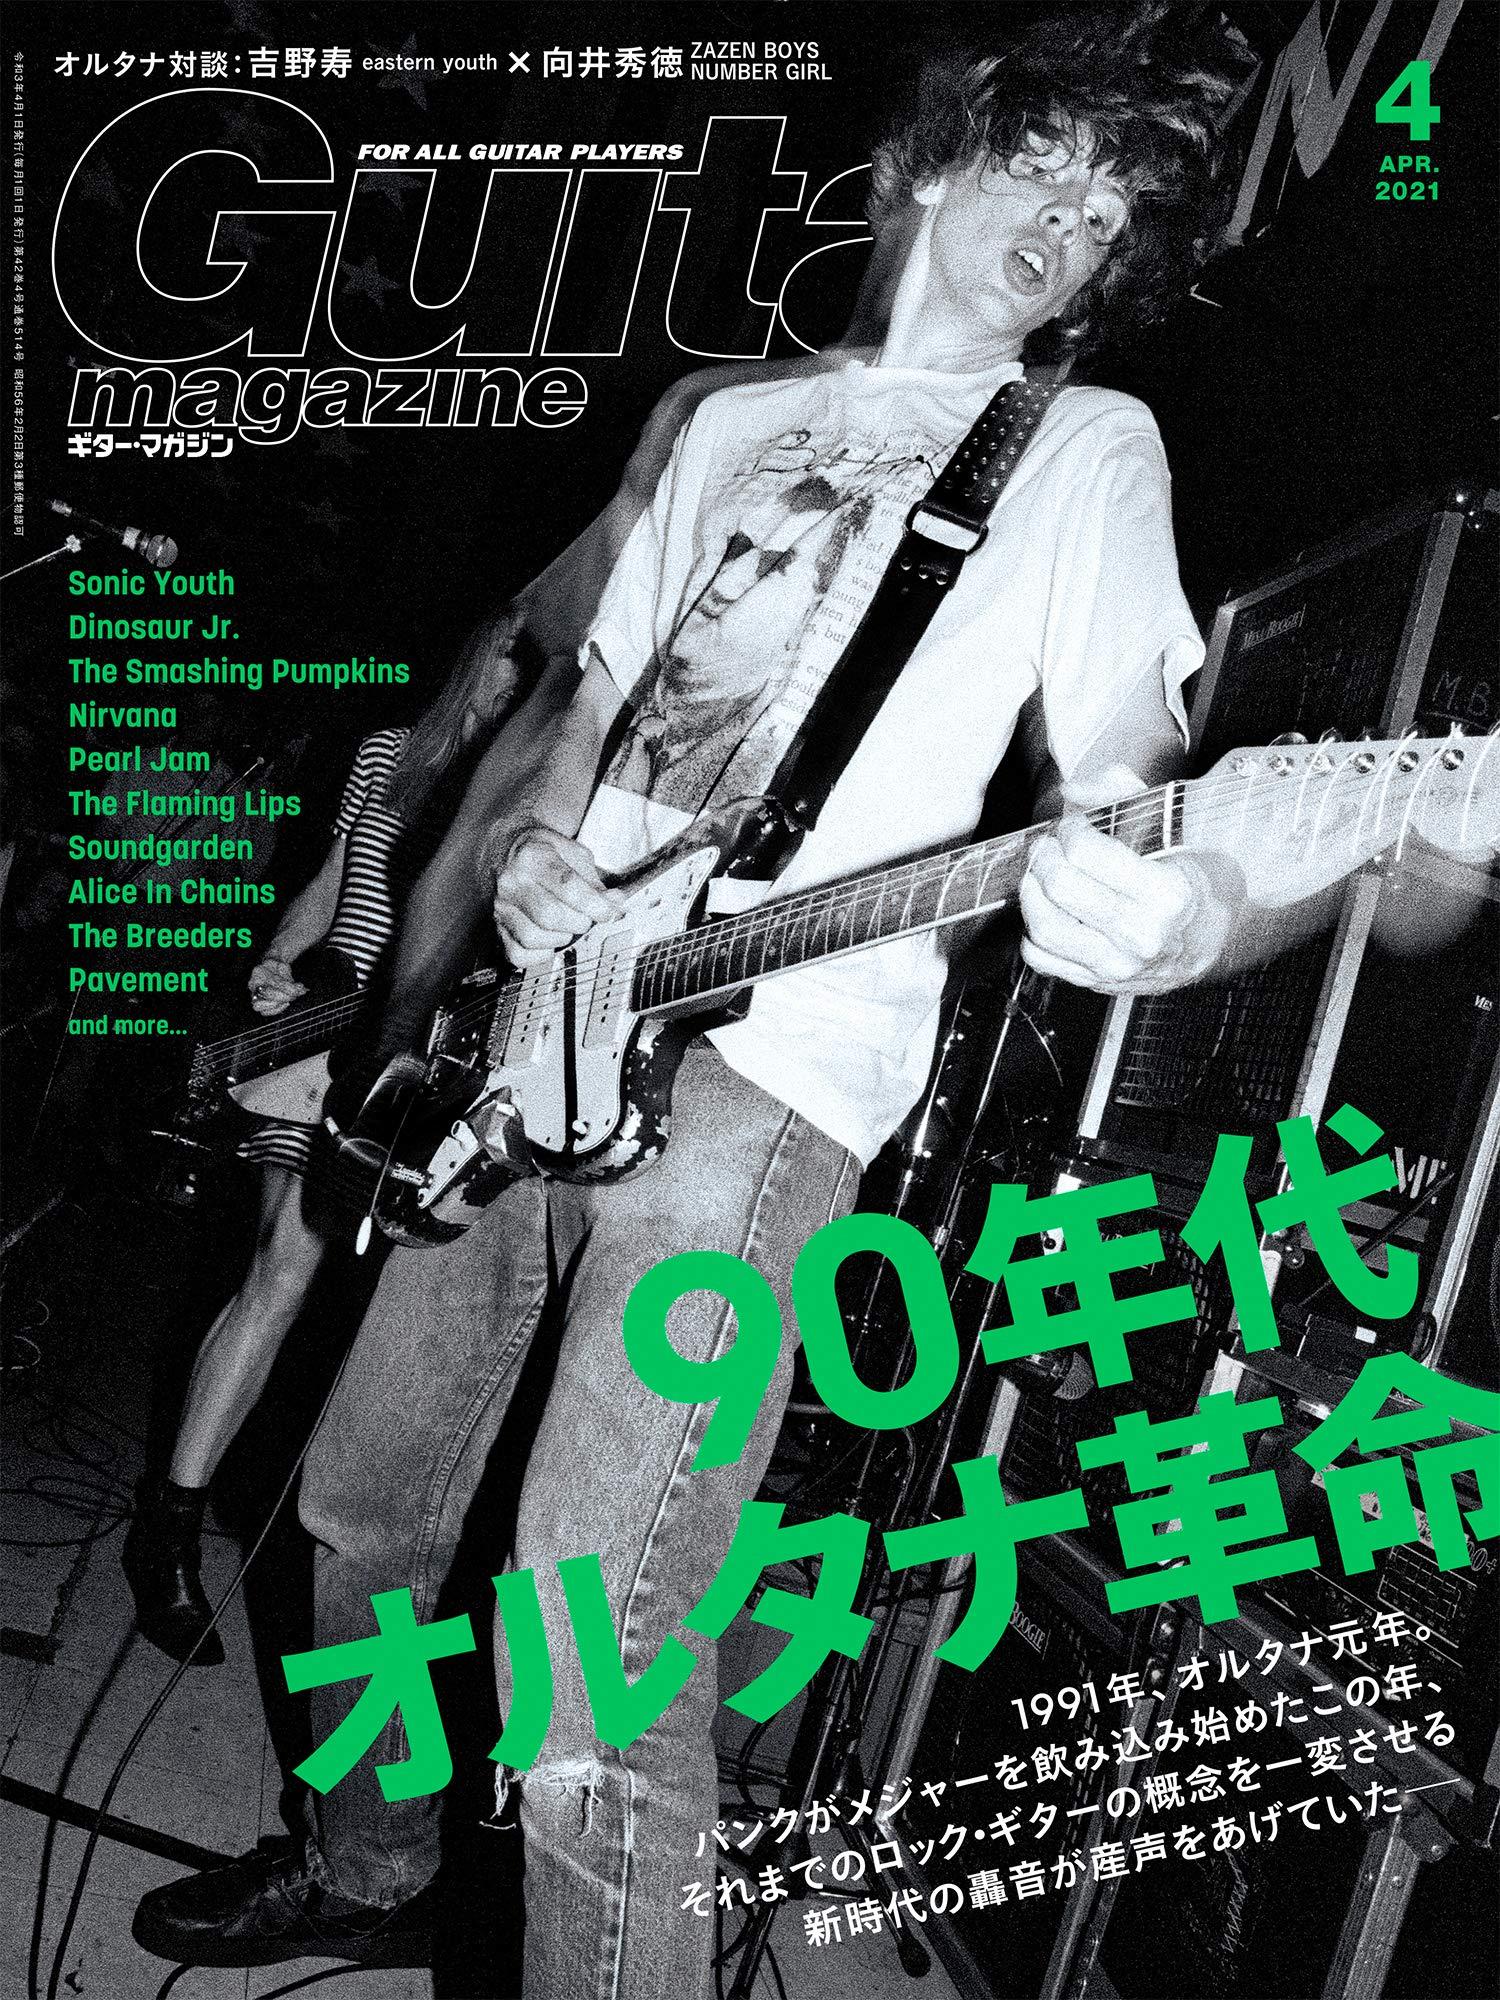 ギター・マガジン2021年4月号 (特集:90年代オルタナ革命) | ギター・マガジン編集部 |本 | 通販 | Amazon